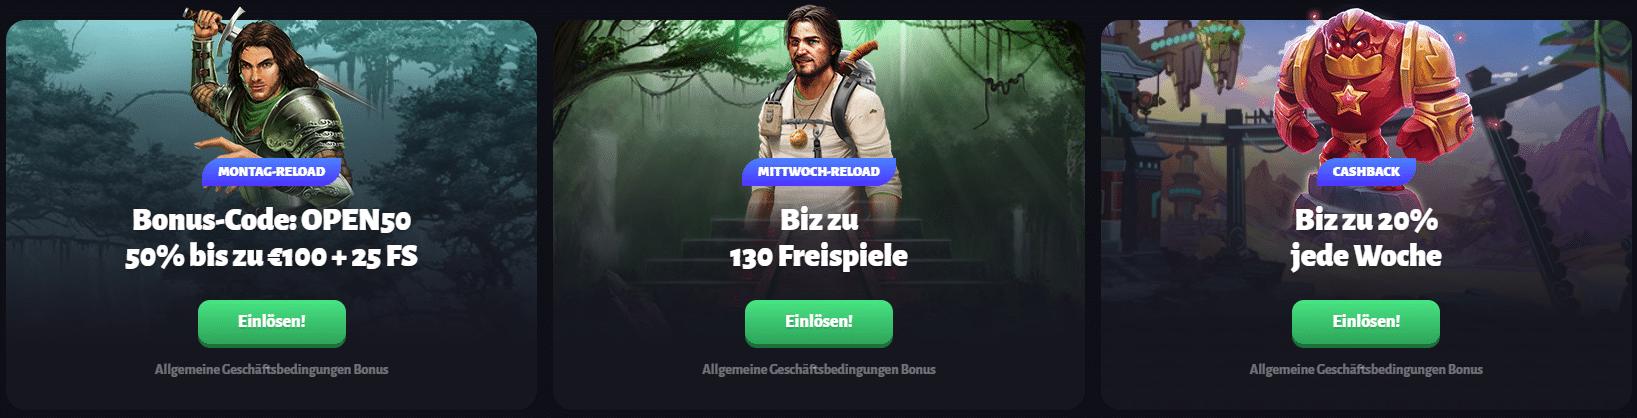 Online Casino Schweiz Echtgeld Bonus